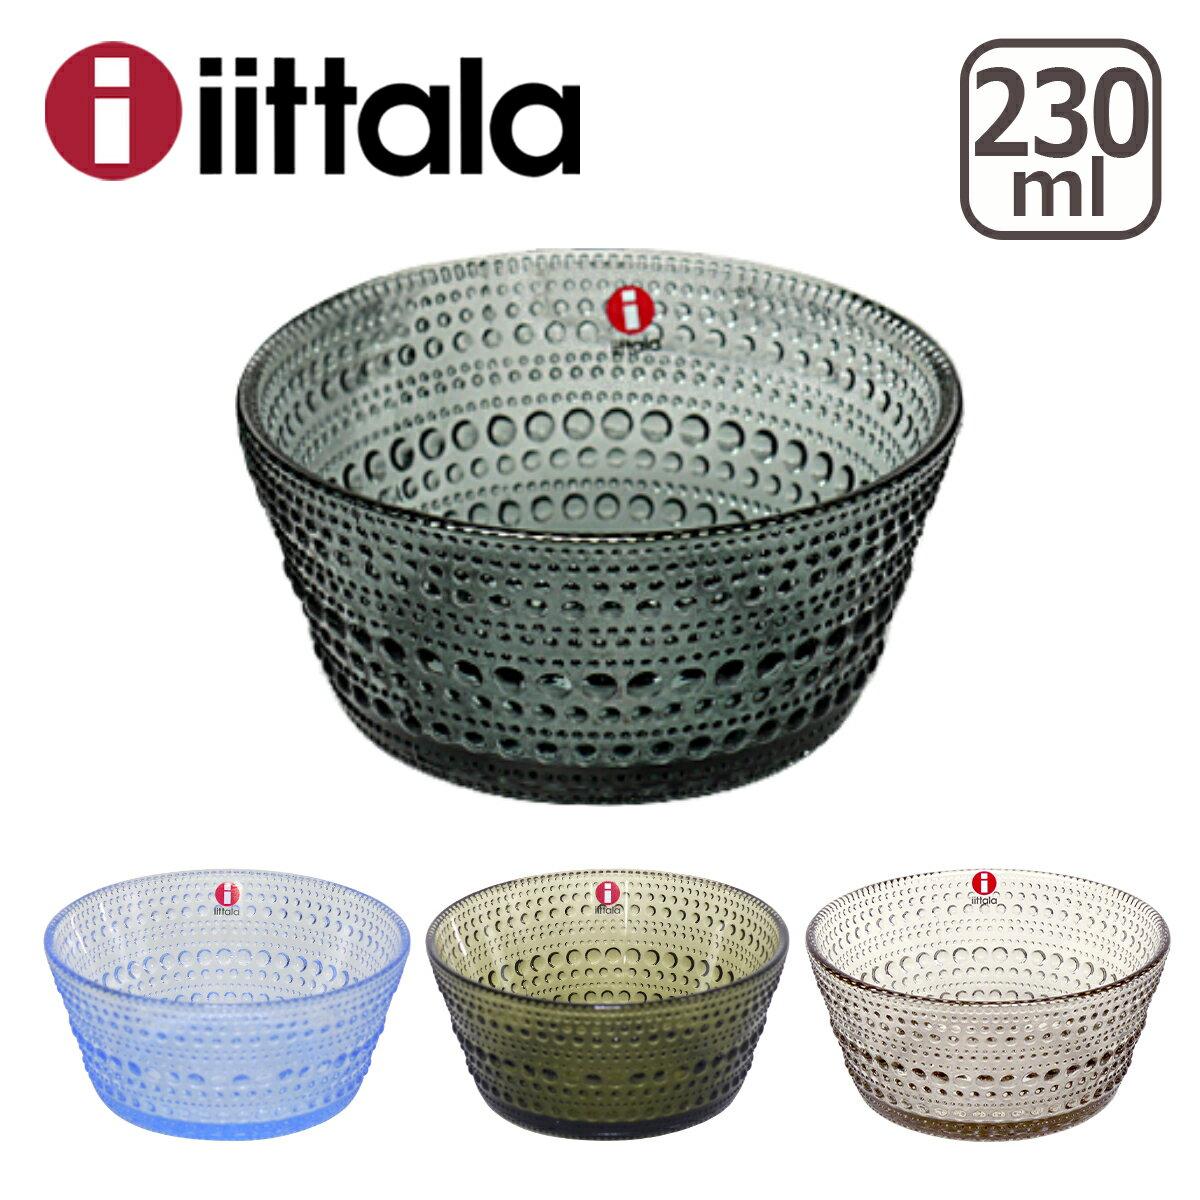 イッタラ カステヘルミ iittala (KASTEHELMI) ボウル 230ml 選べるカラー ガラス ボウル イッタラ/ittala 北欧 食器